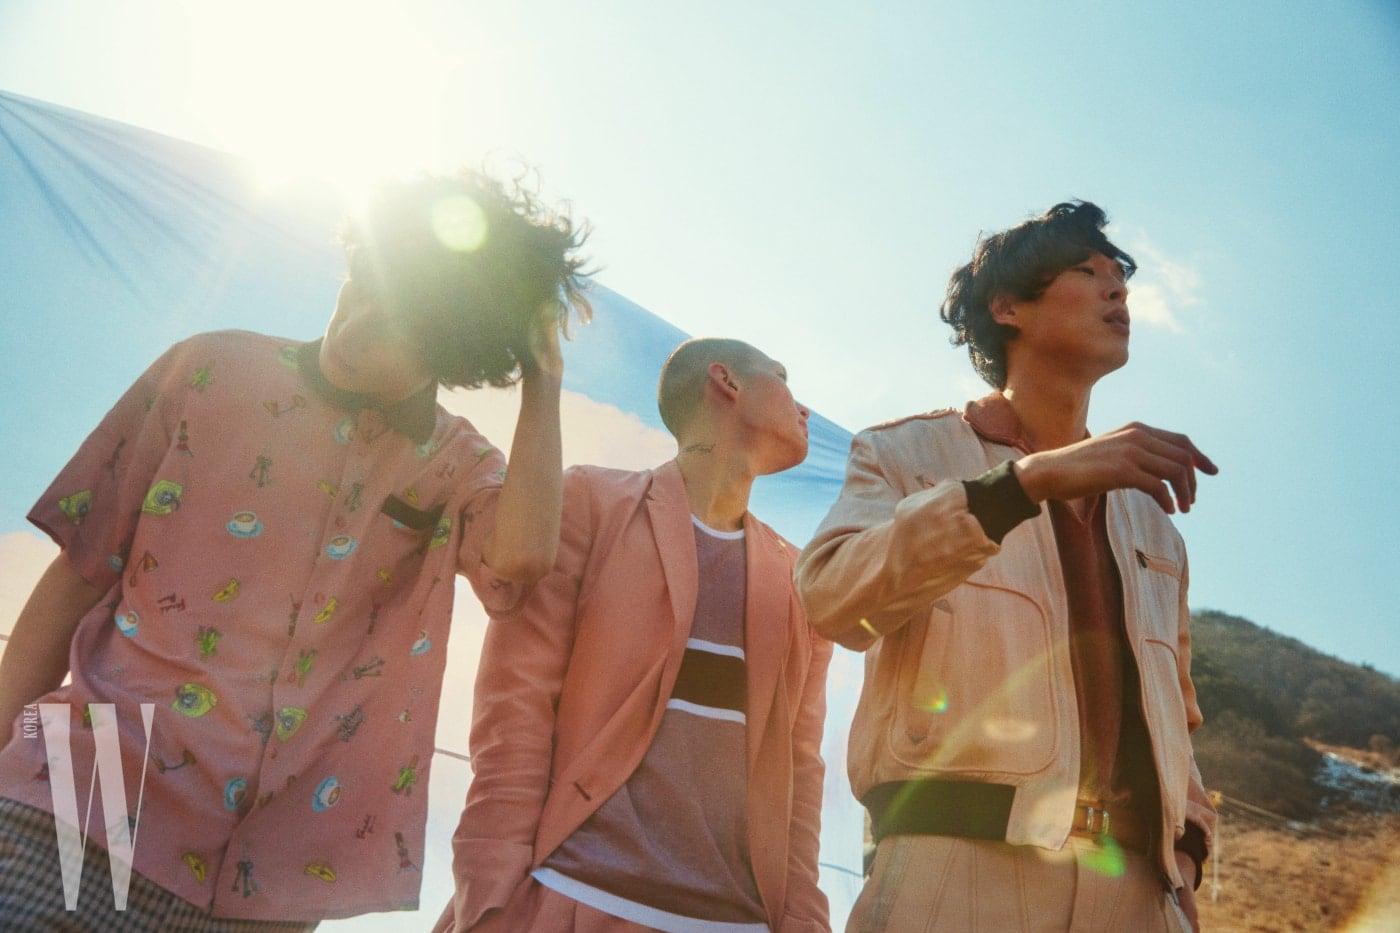 재혁이 입은 일러스트 패턴의 분홍색 셔츠와 체크 팬츠는 Fendi 제품. 노마가 입은 분홍색 슈트 재킷과 팬츠, 슬리브리스는 모두 Ermenegildo Zegna 제품. 경진이 입은 분홍색 블루종과 갈색 톱, 뱀피 장식의 가죽 팬츠, 벨트는 모두 Bottega Veneta 제품.